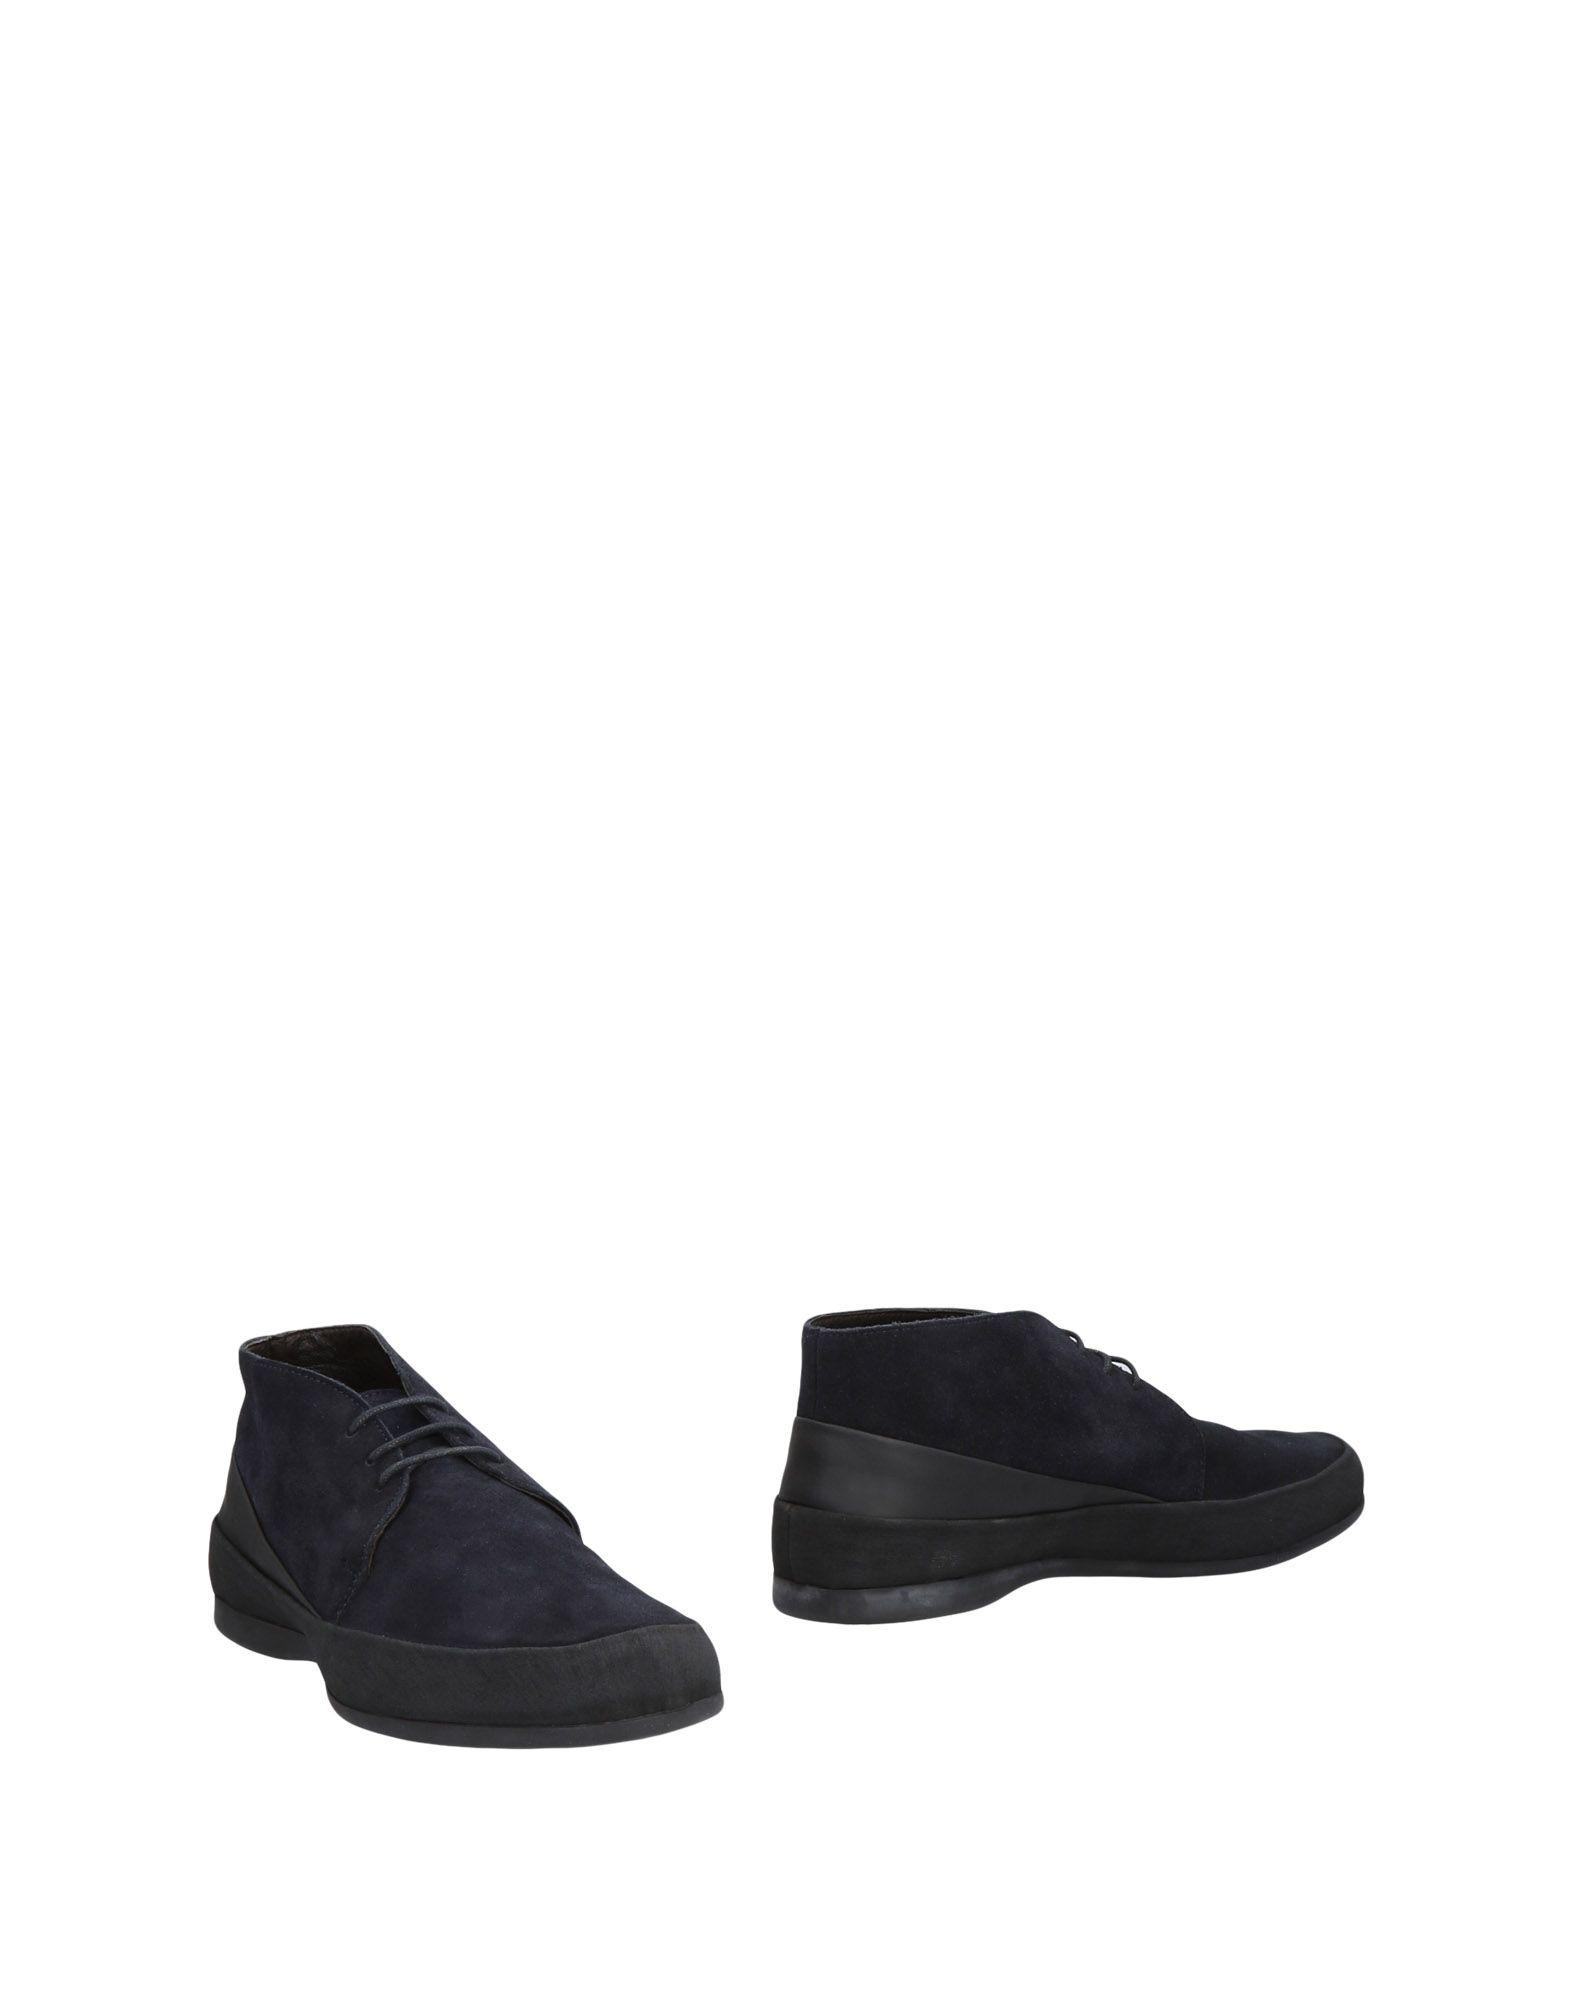 Rabatt echte Schuhe Pirelli Pzero Stiefelette Herren  11462728QB